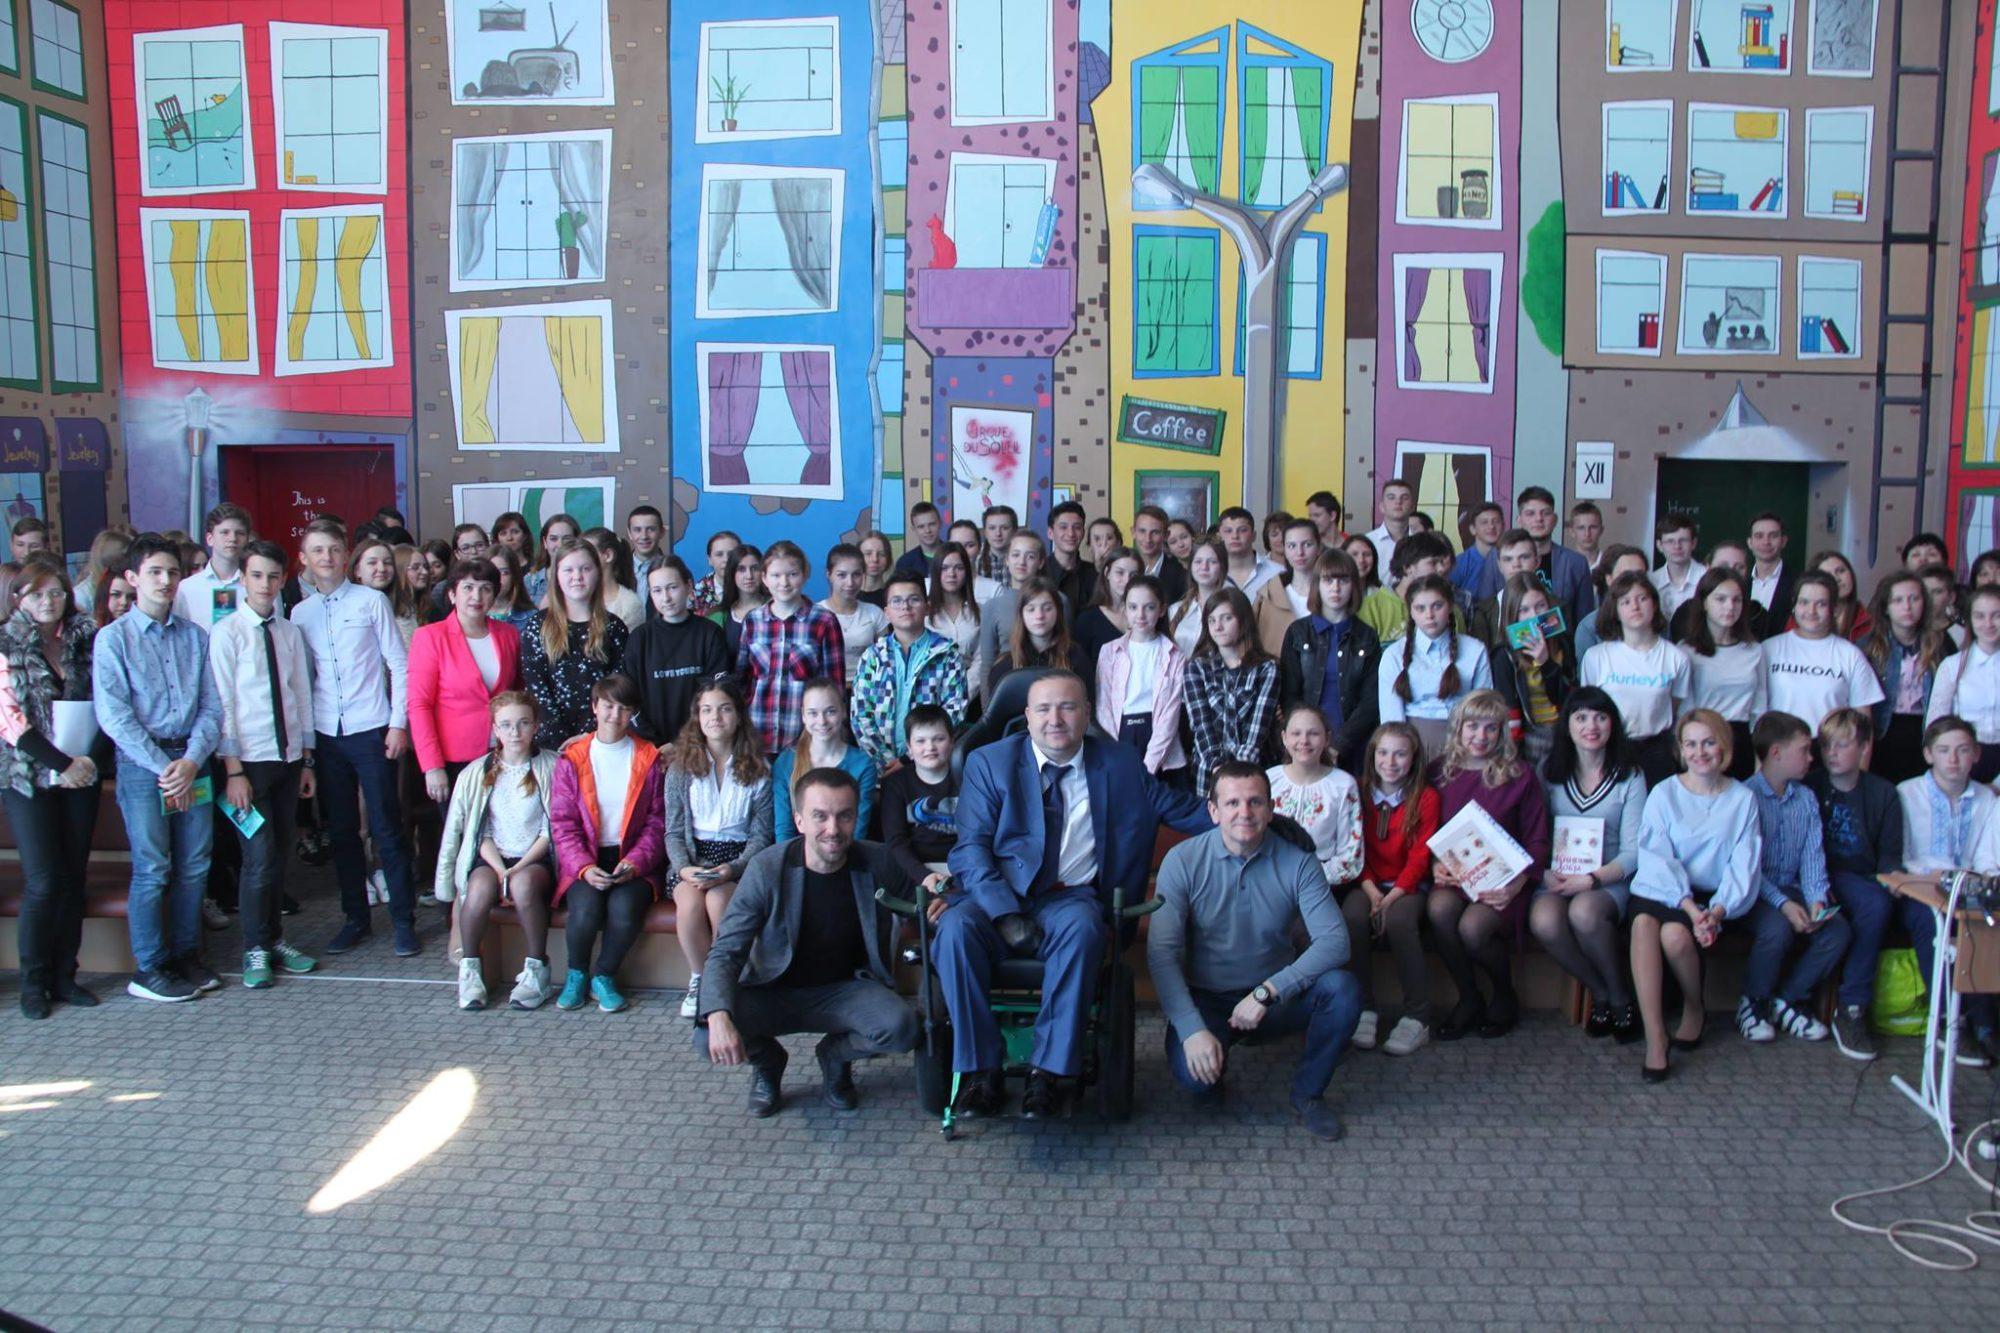 58583835_2191329017652837_1515082256631201792_o-2000x1333 1000 школярів України можуть взяти участь у проекті «Книга добра» (відео)